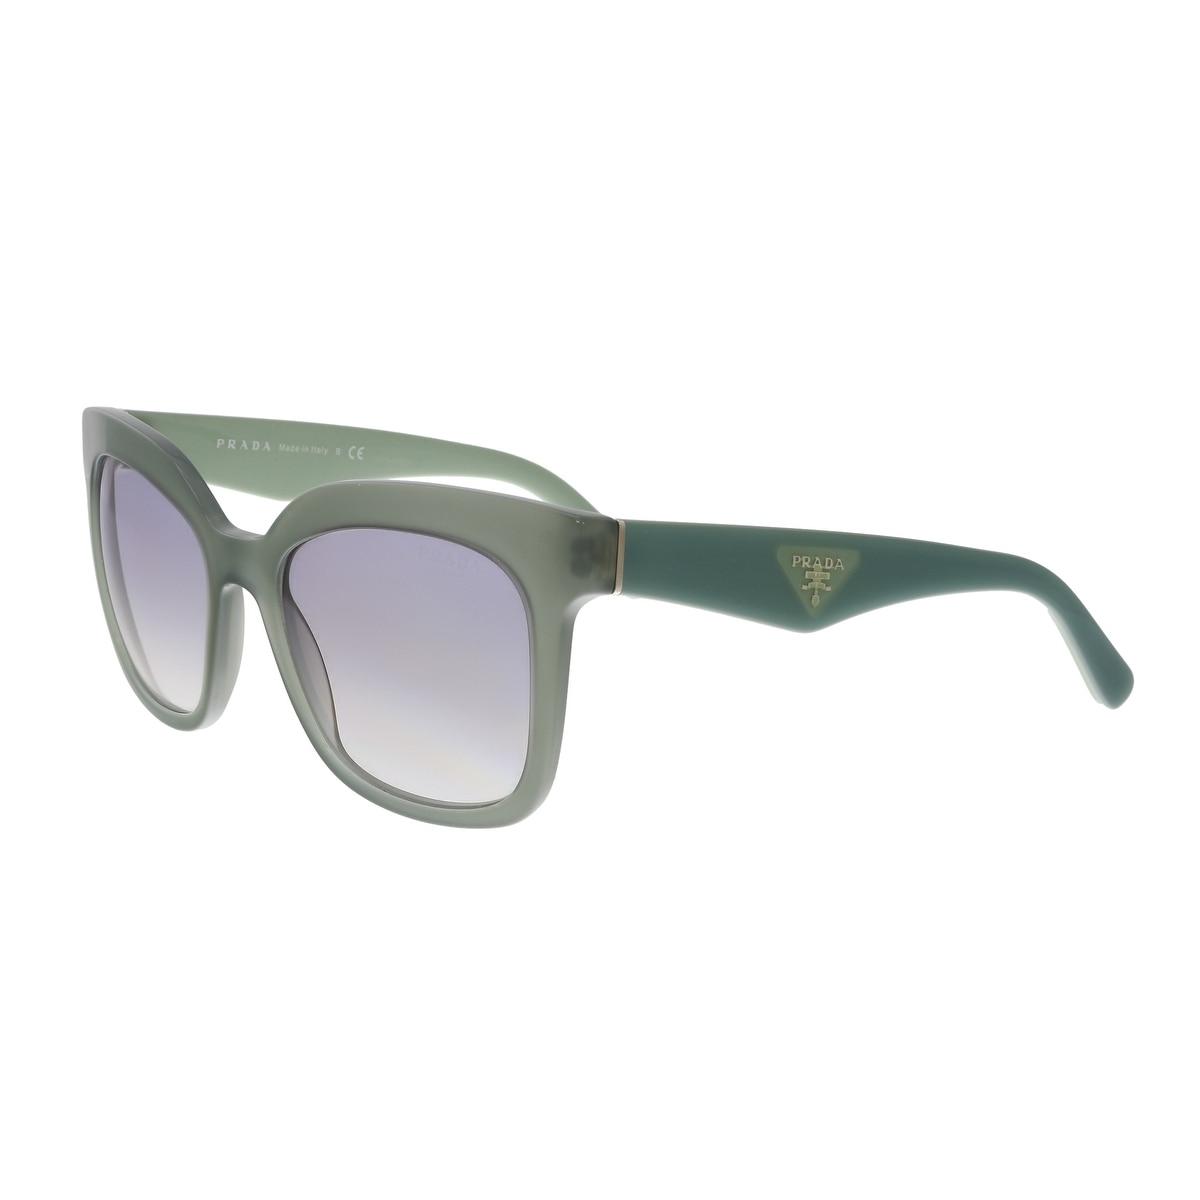 9ef1538581b9 Prada Sunglasses